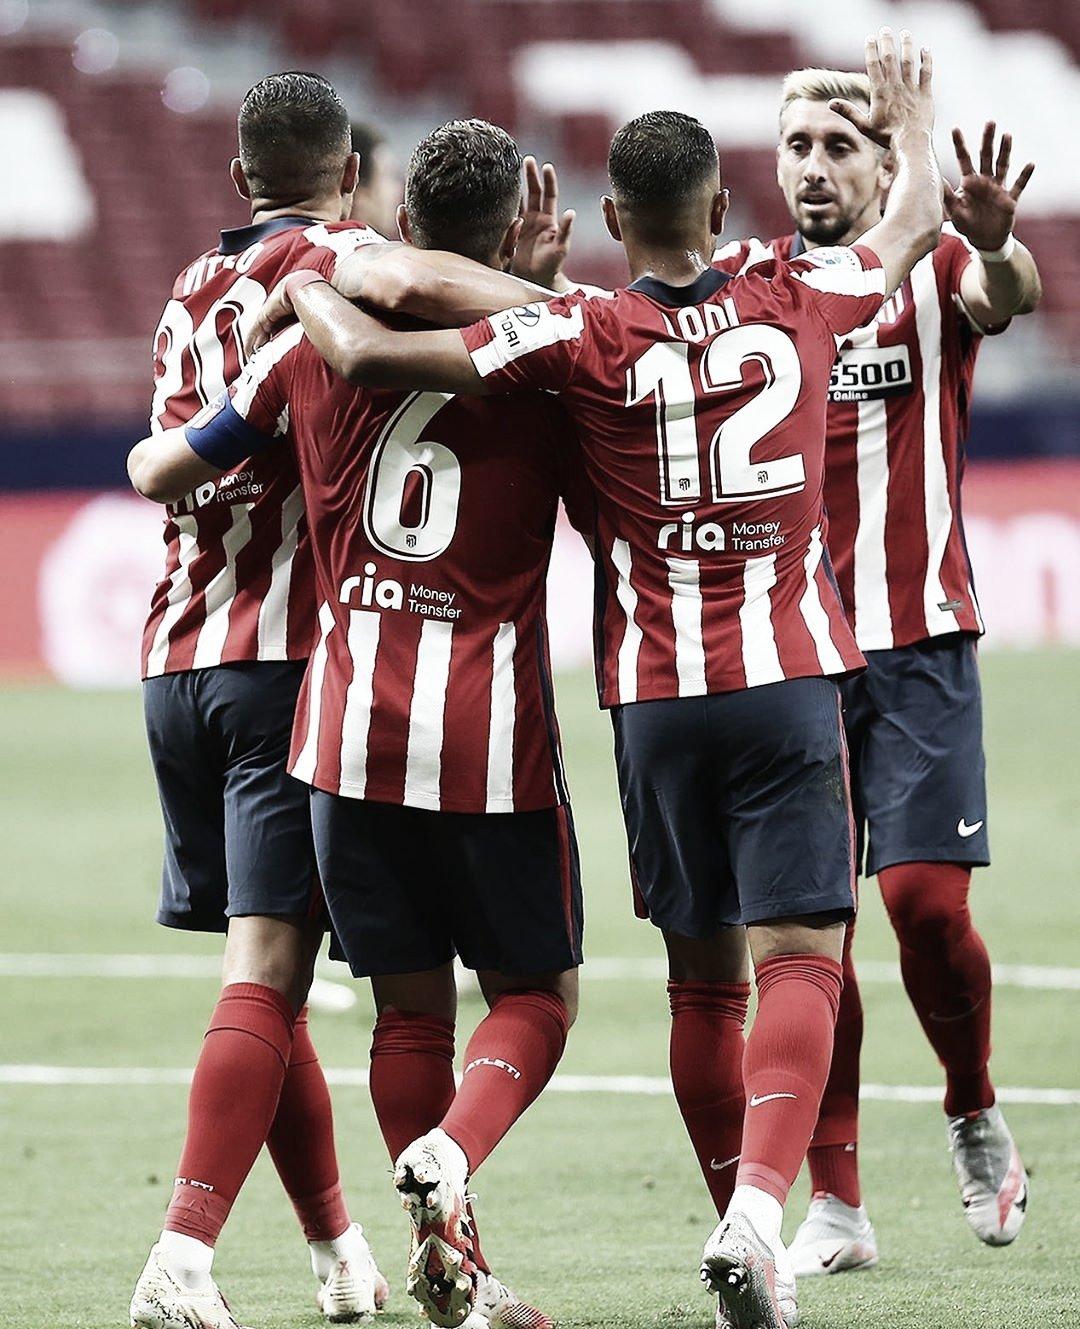 Análisis de la temporada liguera del Atlético